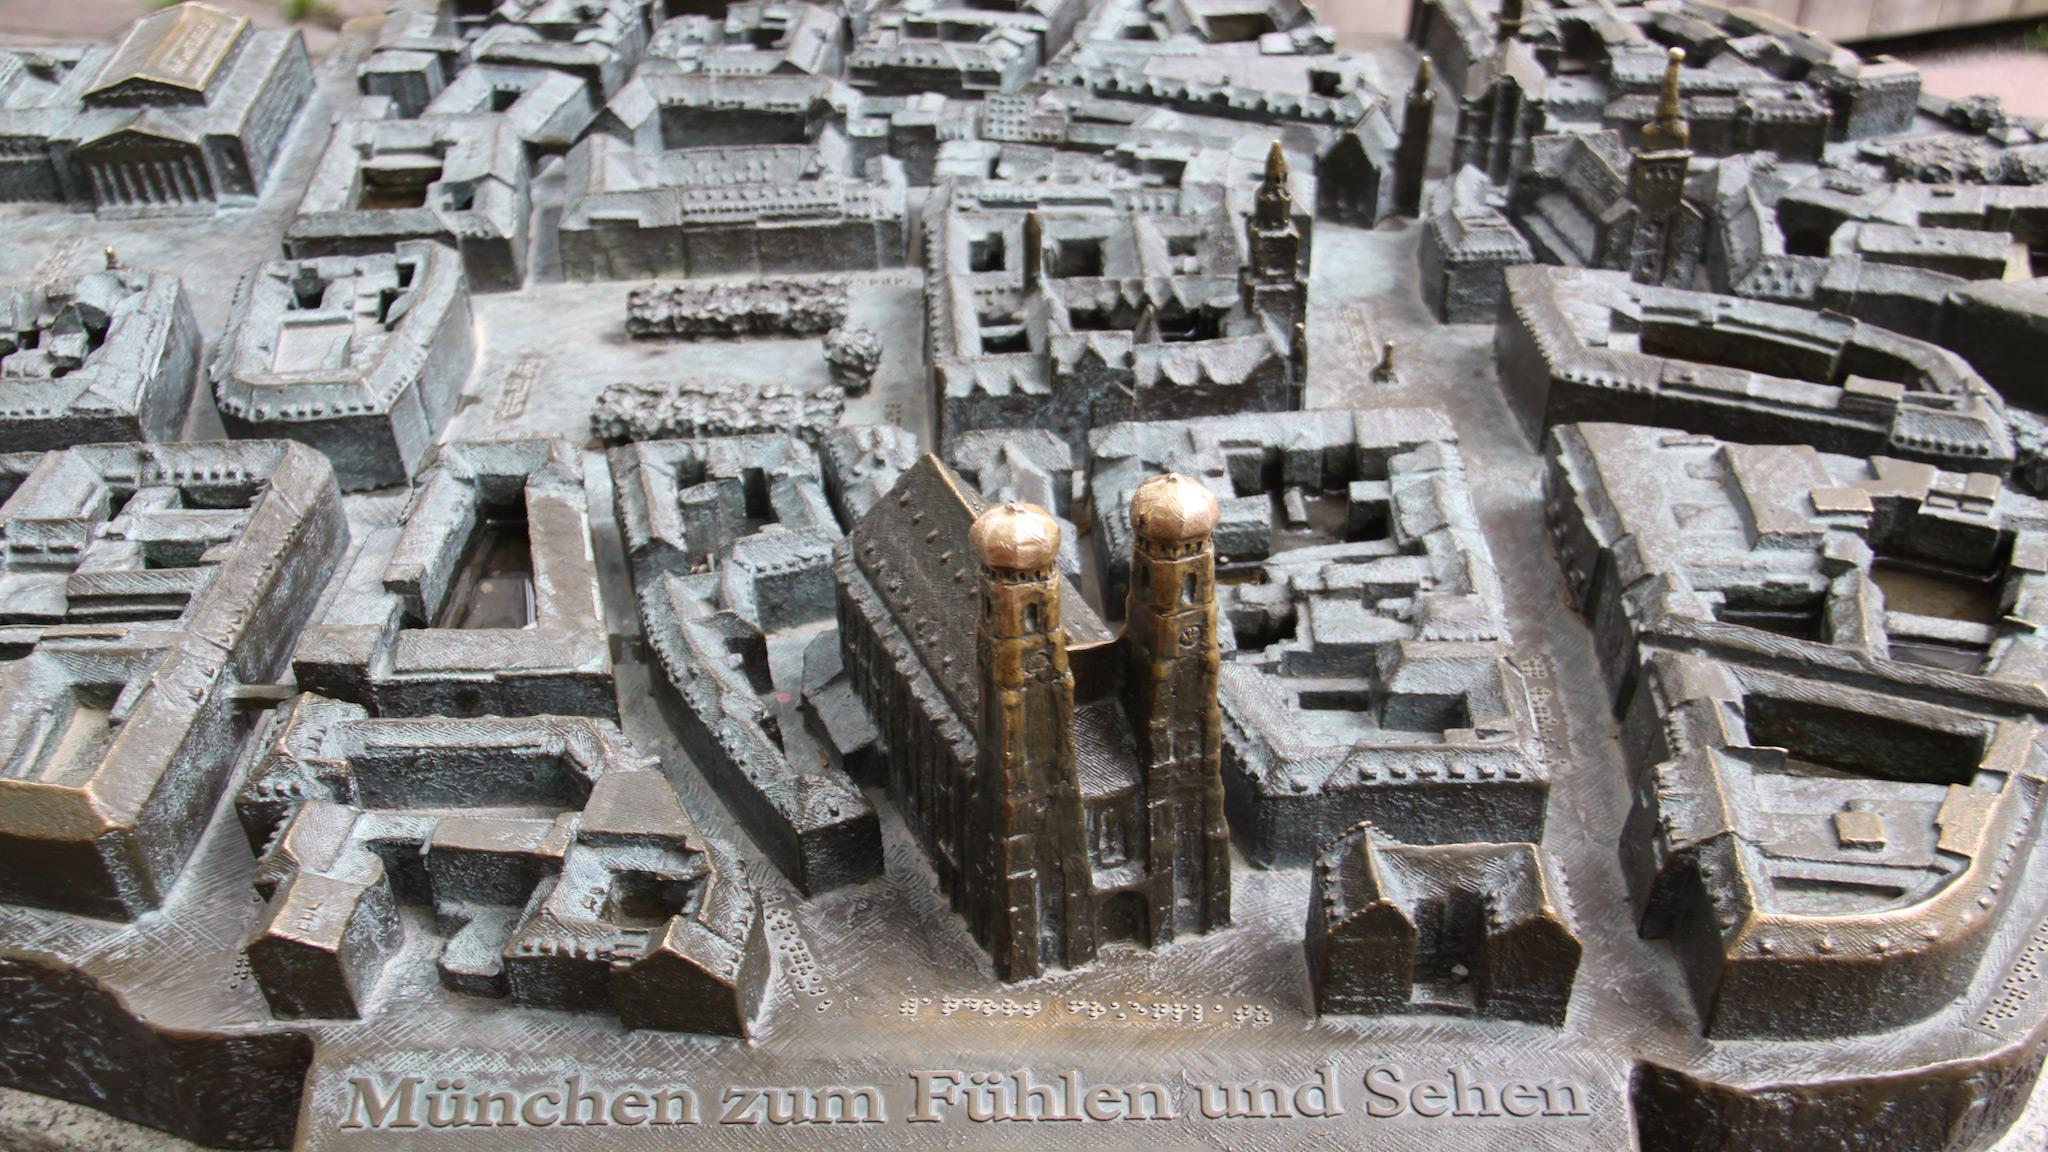 Munich In Miniature